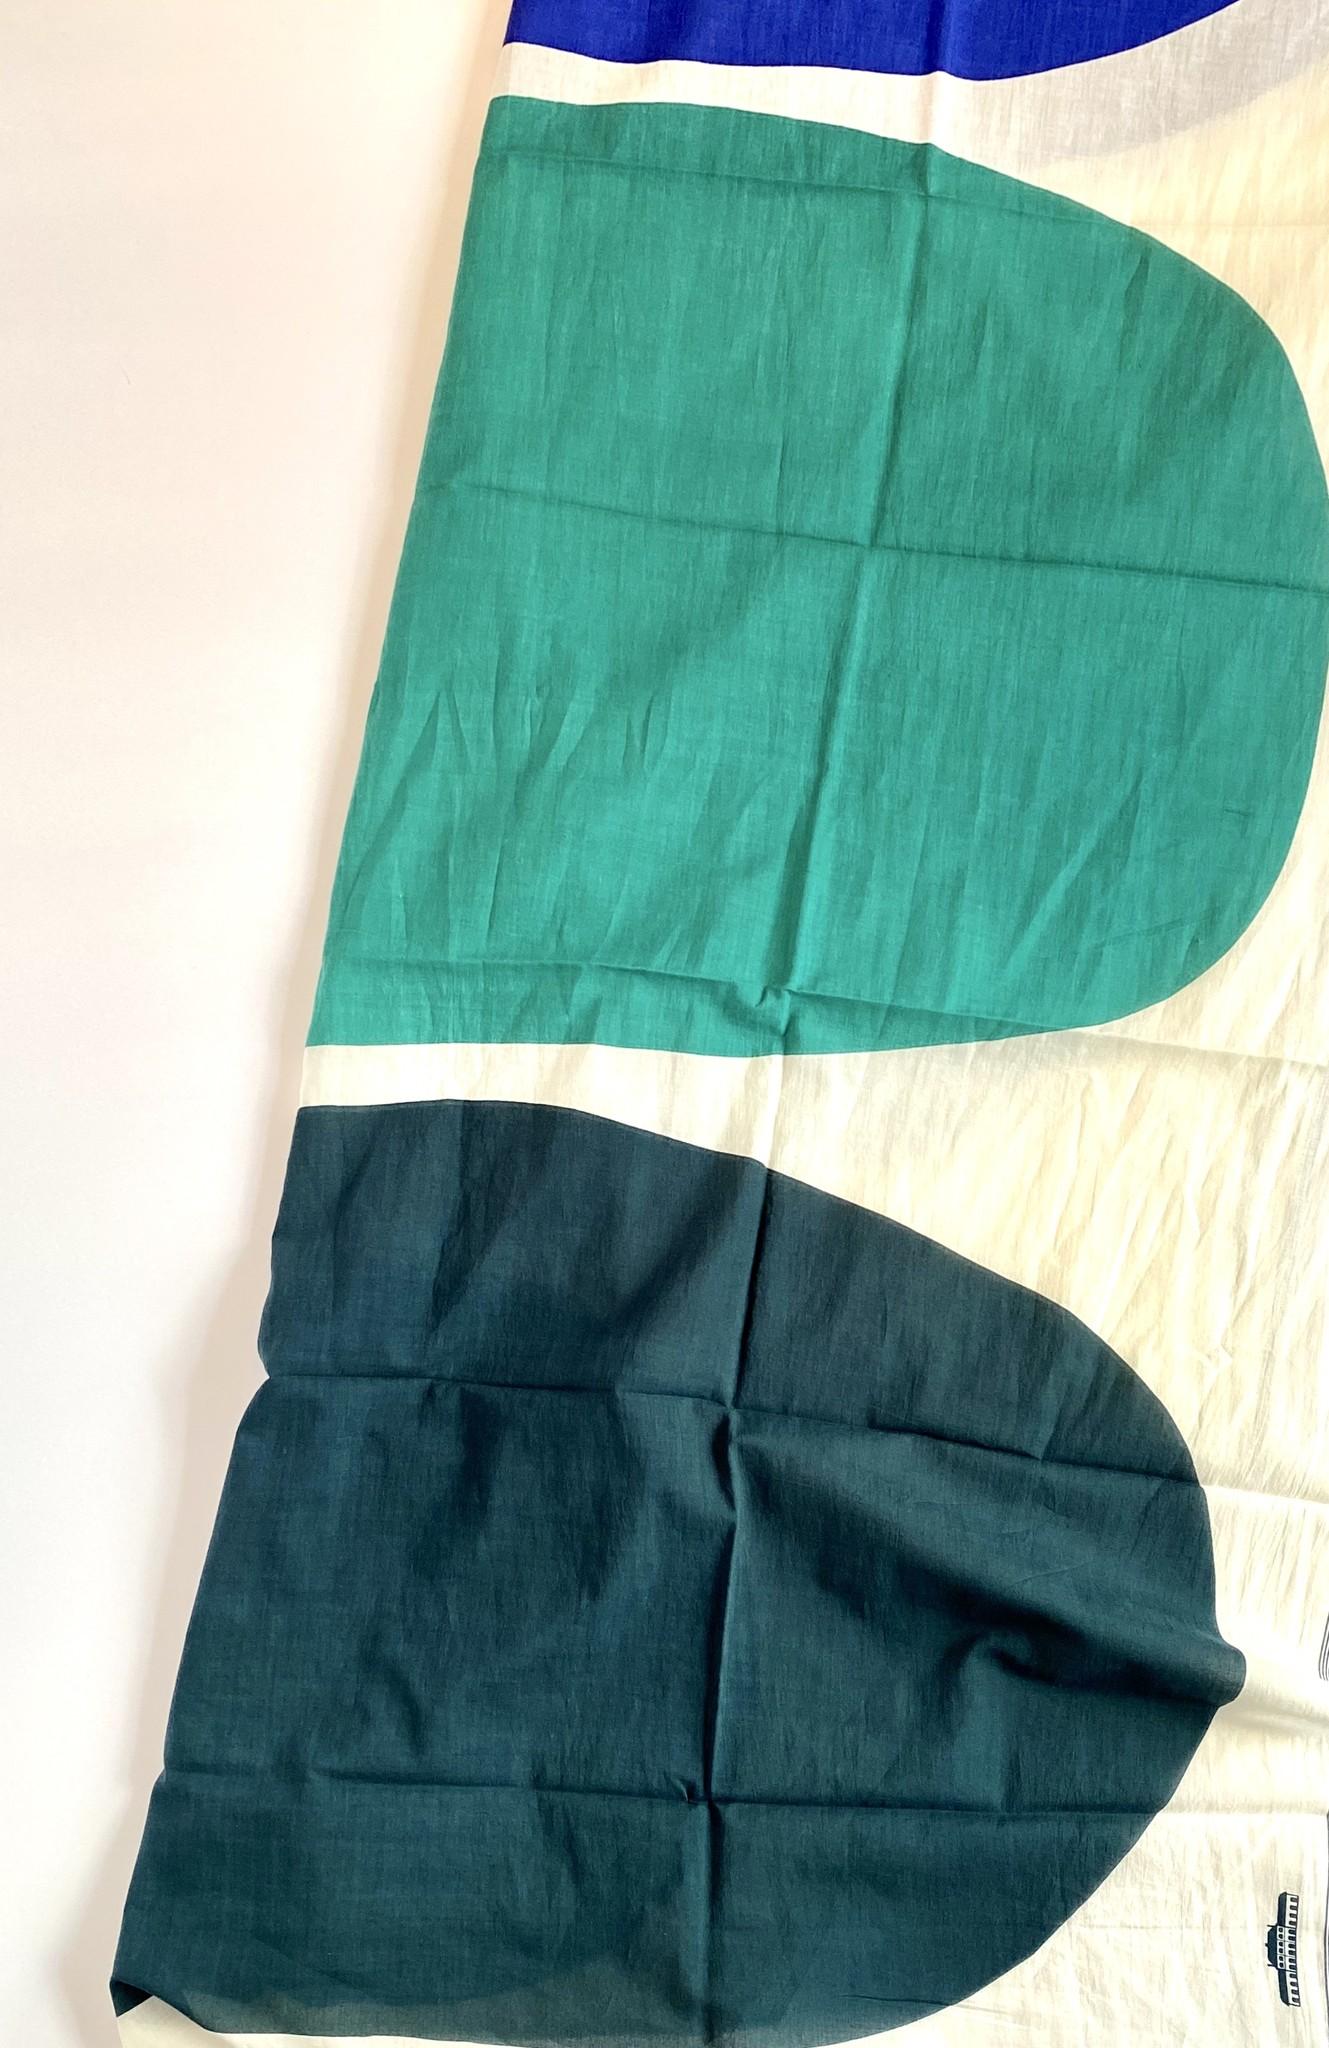 Mois Mont Block print Scarf - Multiple Colors